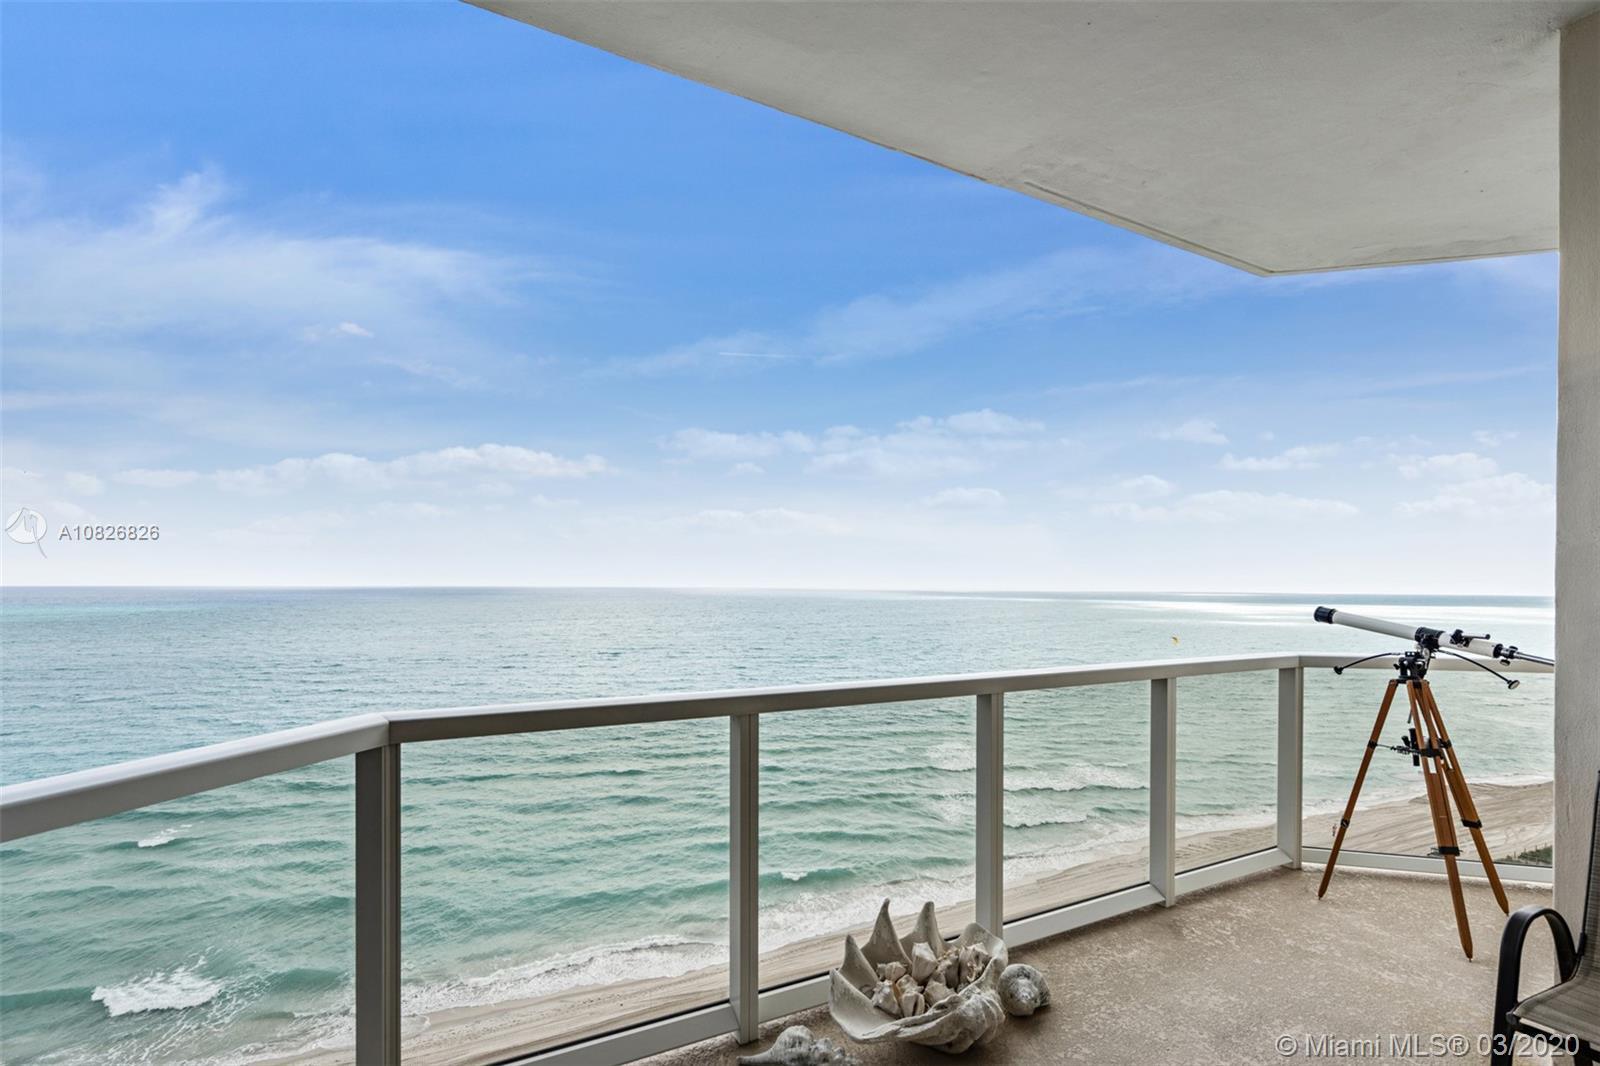 6423 Collins Ave #1705, Miami Beach, FL 33141 - Miami Beach, FL real estate listing